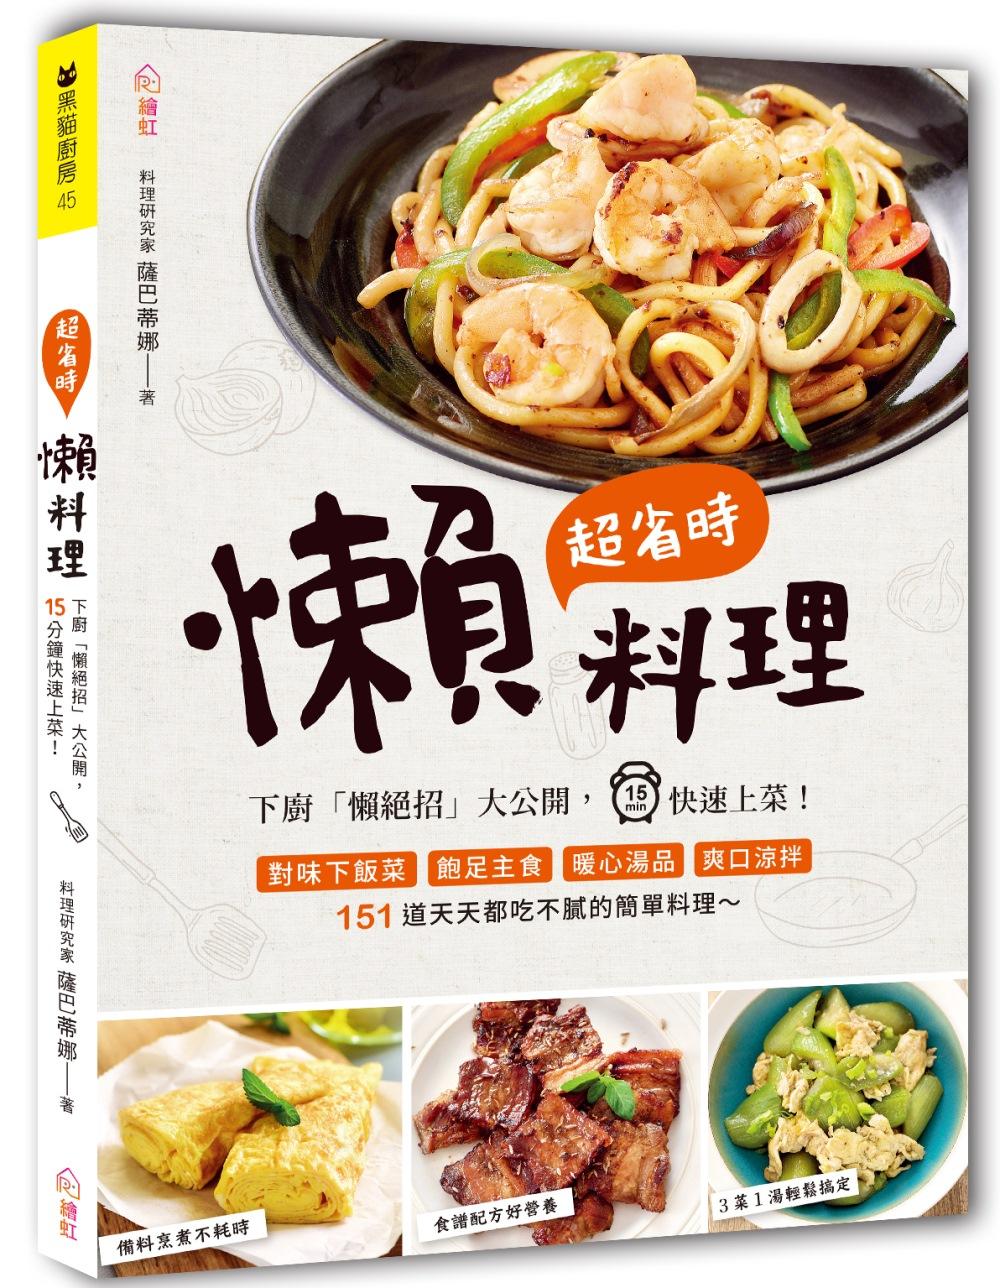 超省時懶料理:下廚「懶絕招」大公開,15分鐘快速上菜!